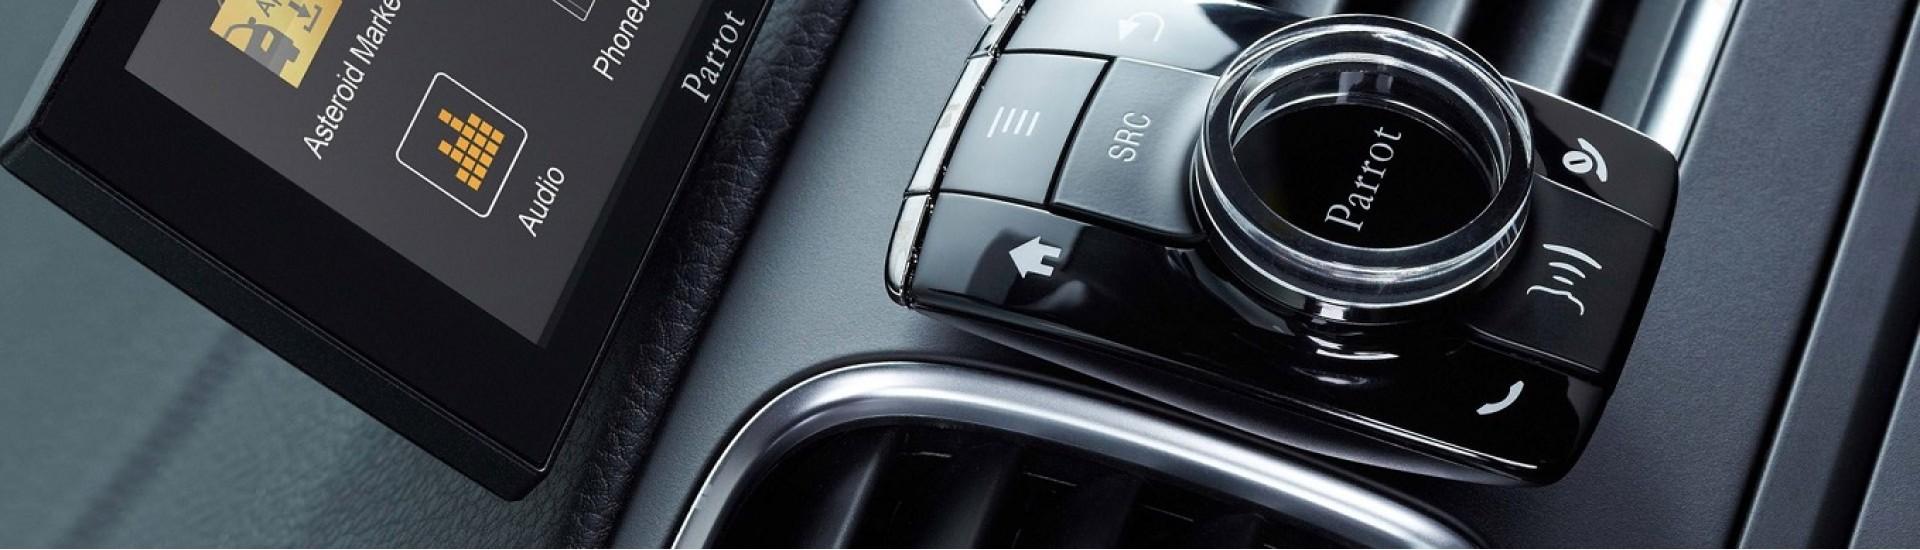 بلوتوث ، قیمت بلوتوث ، بلوتوث فابریک ، bluetooth car kits